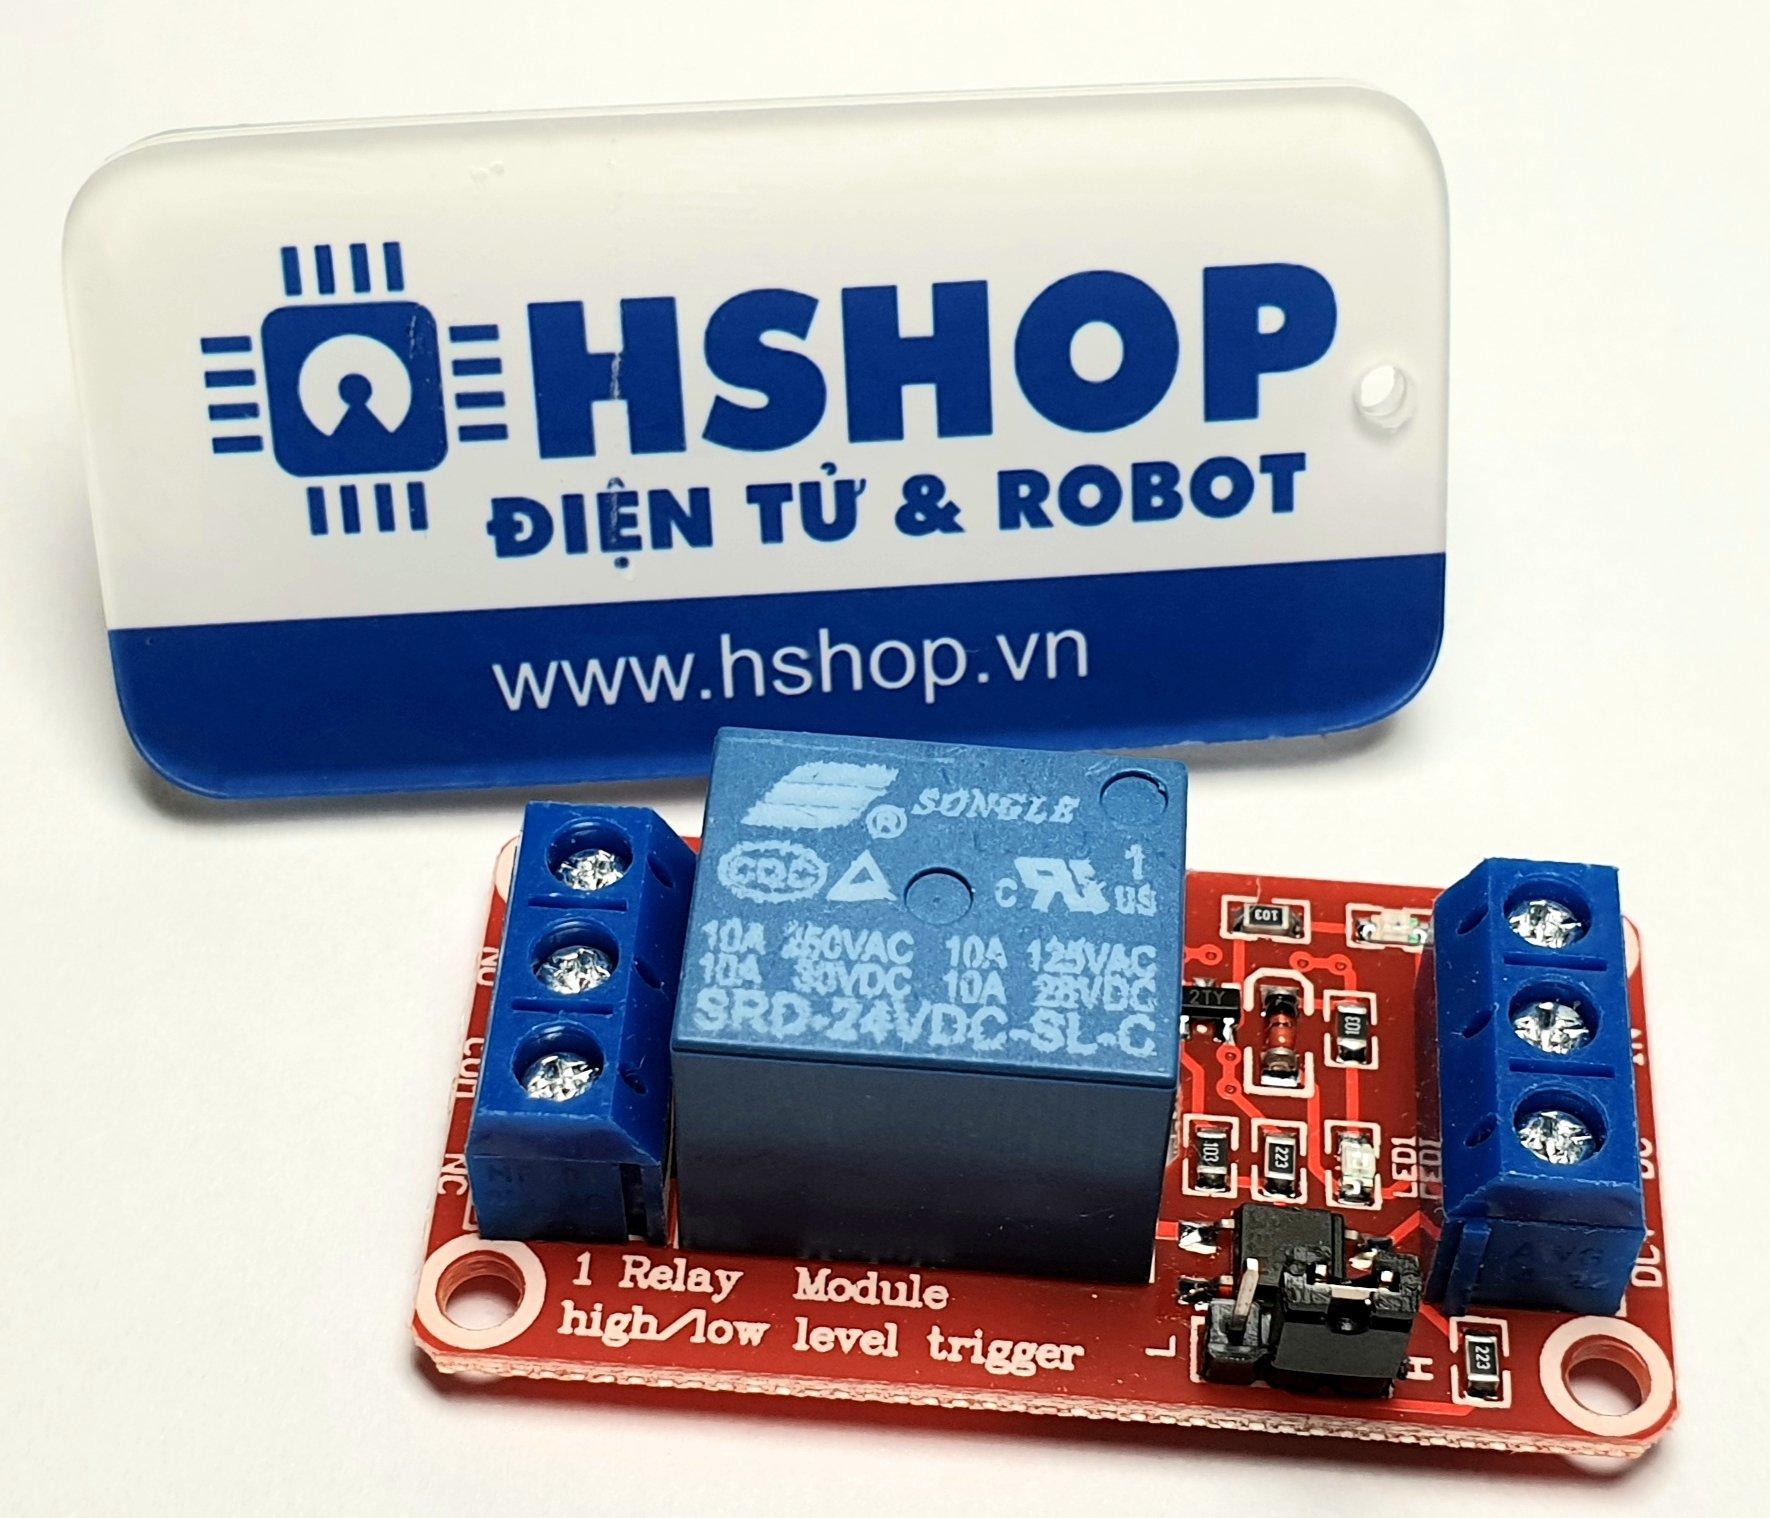 Mạch 1 Relay Opto chọn mức kích HighLow (5/12/24VDC)